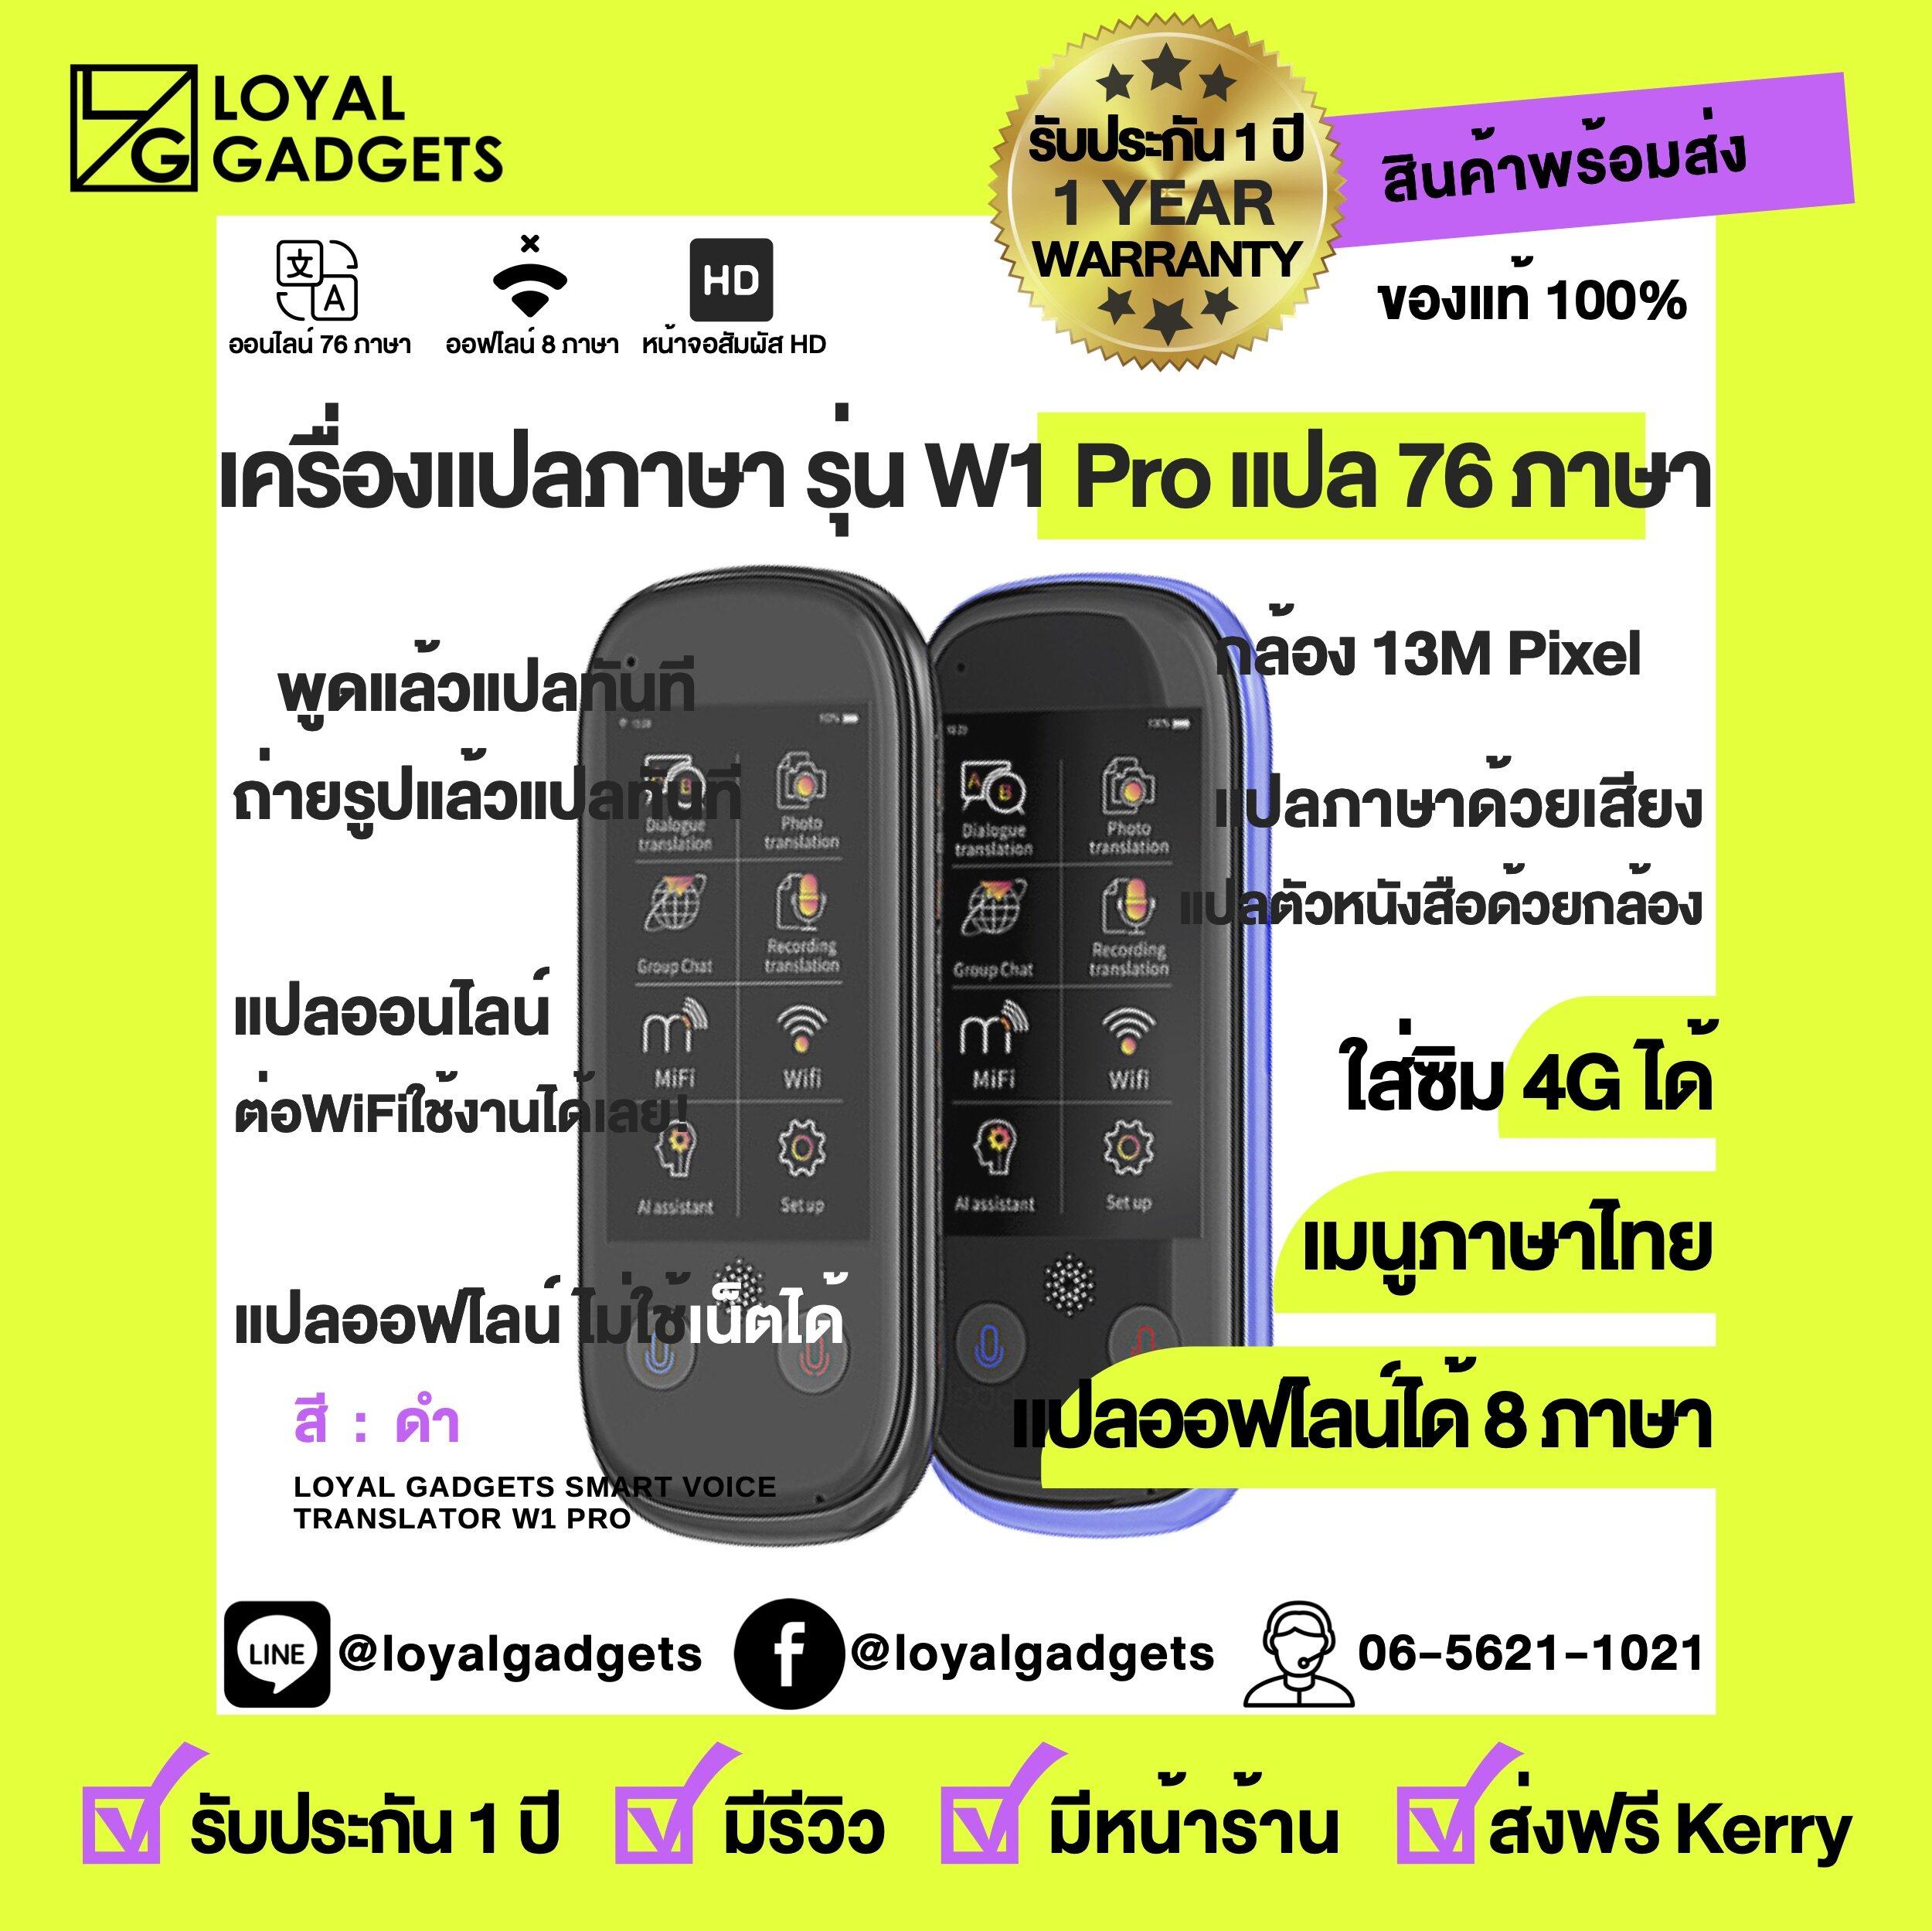 W1 Pro พ็อกเก็ทไวไฟ รองรับ 4g 150mbps/50mbps + แปลภาษาได้  76 ภาษา พร้อมถ่ายรูปแปล เเละ อัดเสียงได้.